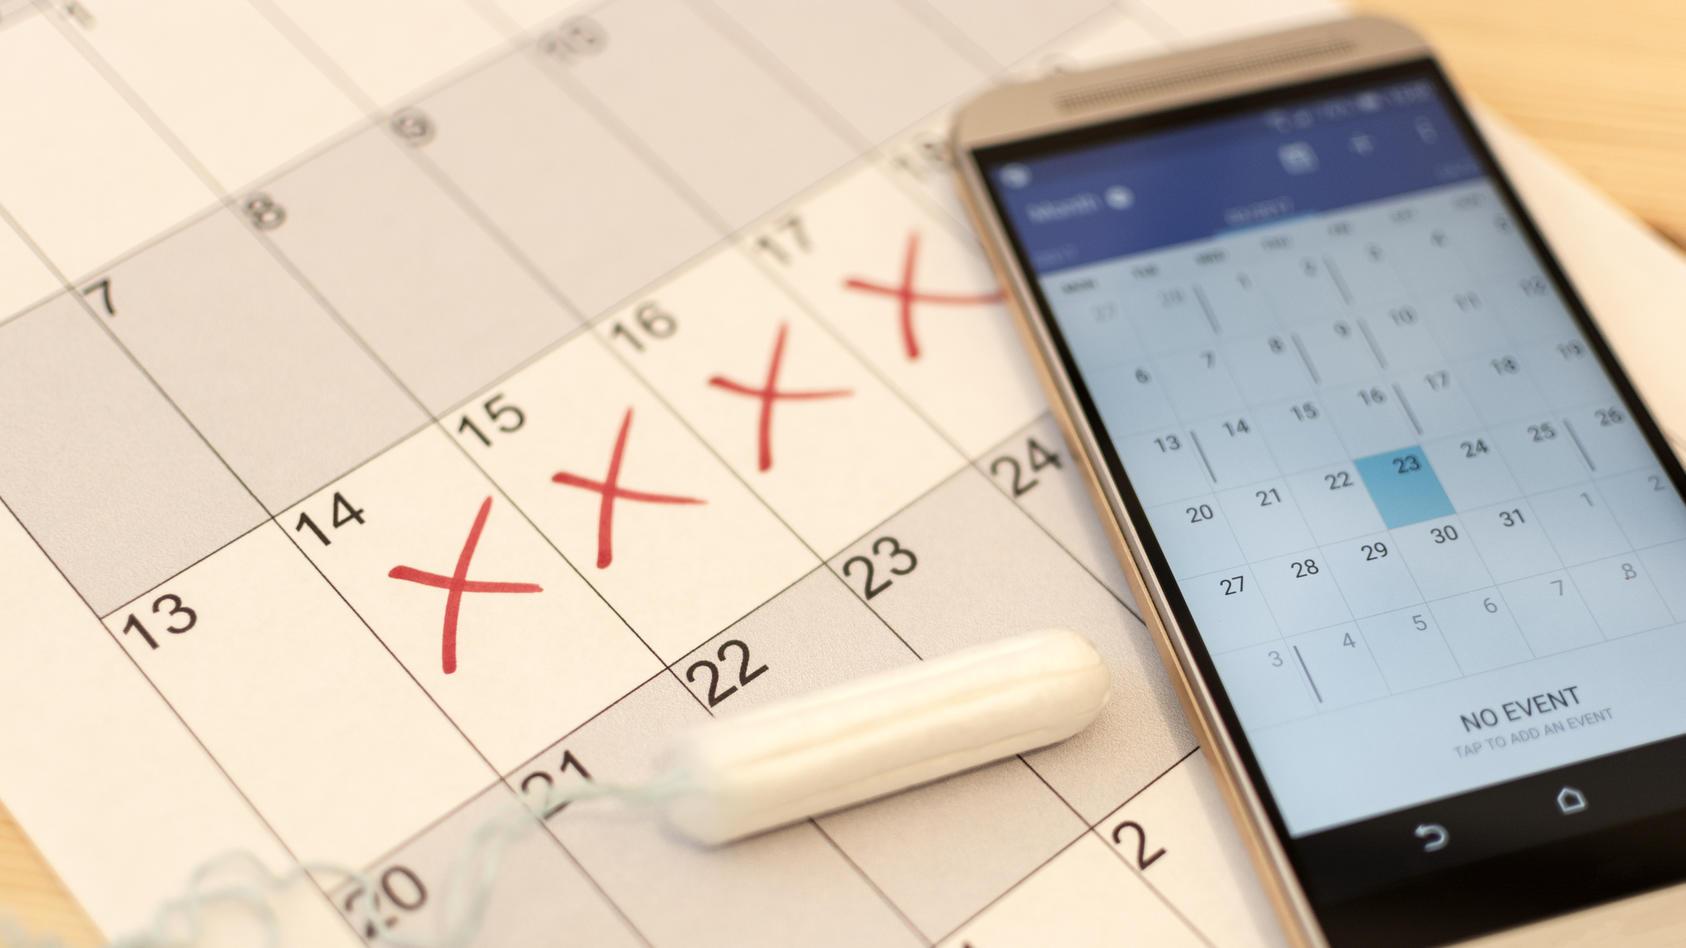 Stiftung Warentest: Die meisten Zyklus-Apps sind mangelhaft